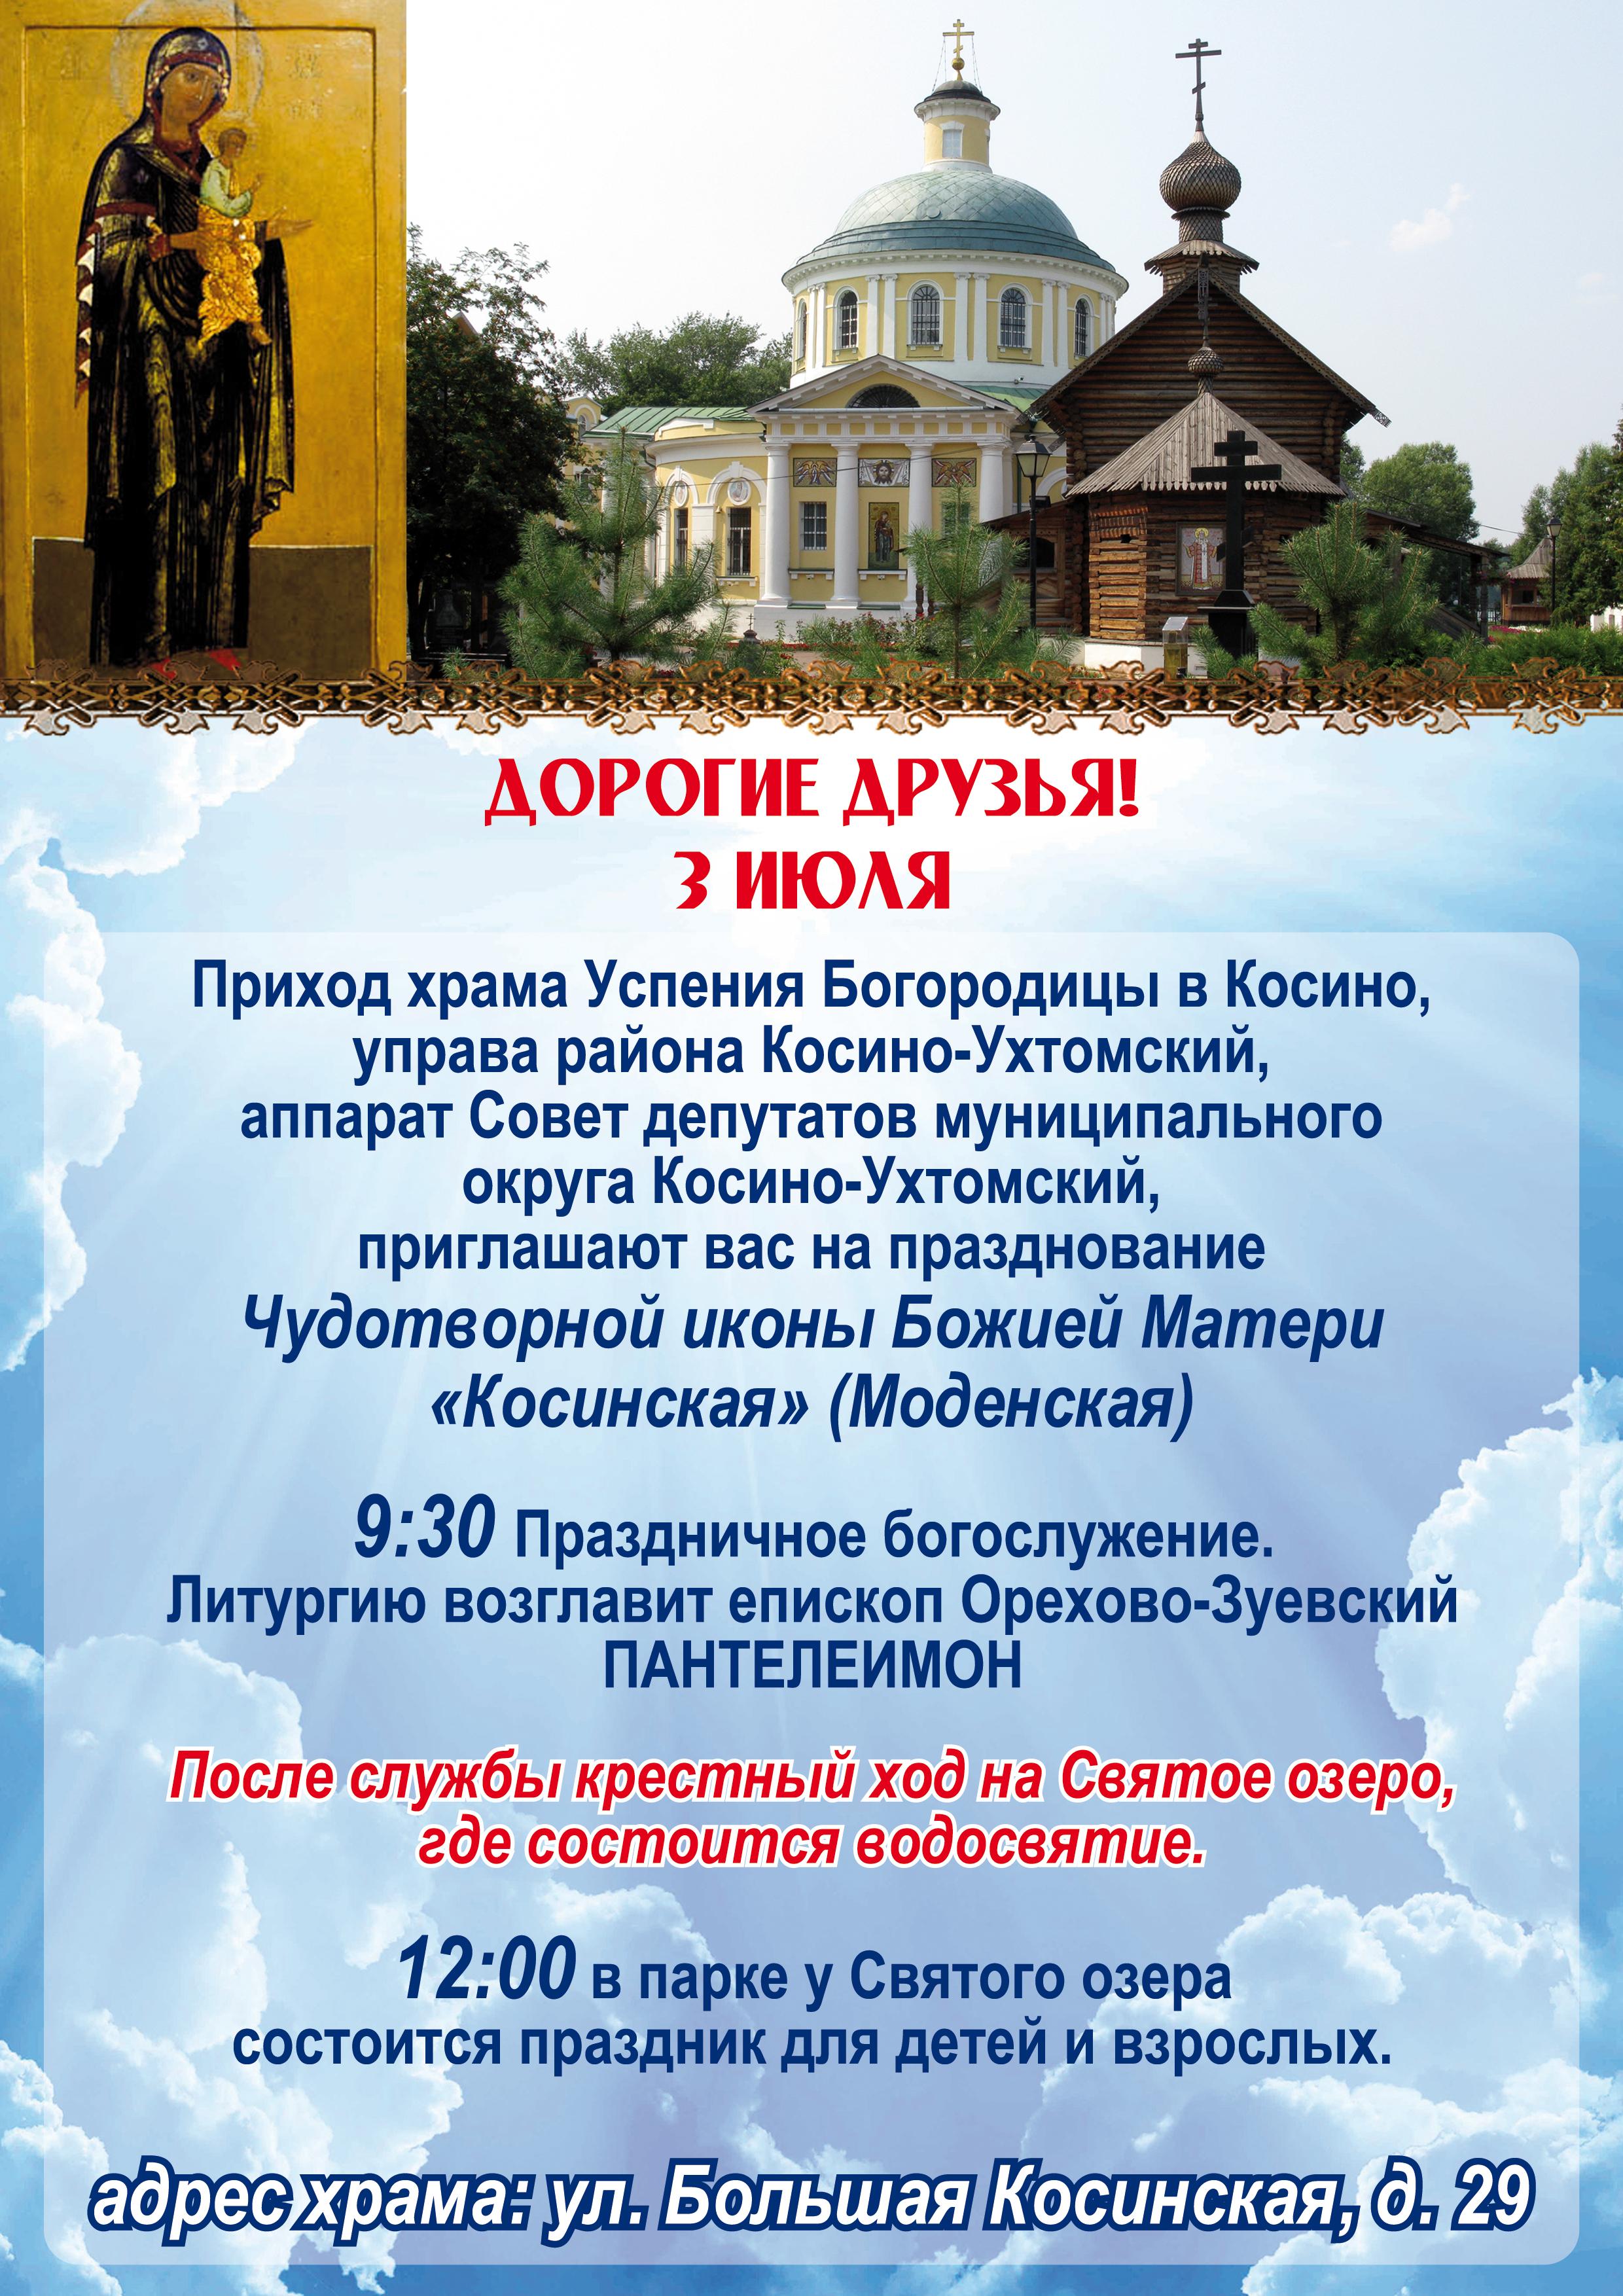 D0D0C715-C2EC-453A-9688-8FF85E9B1864